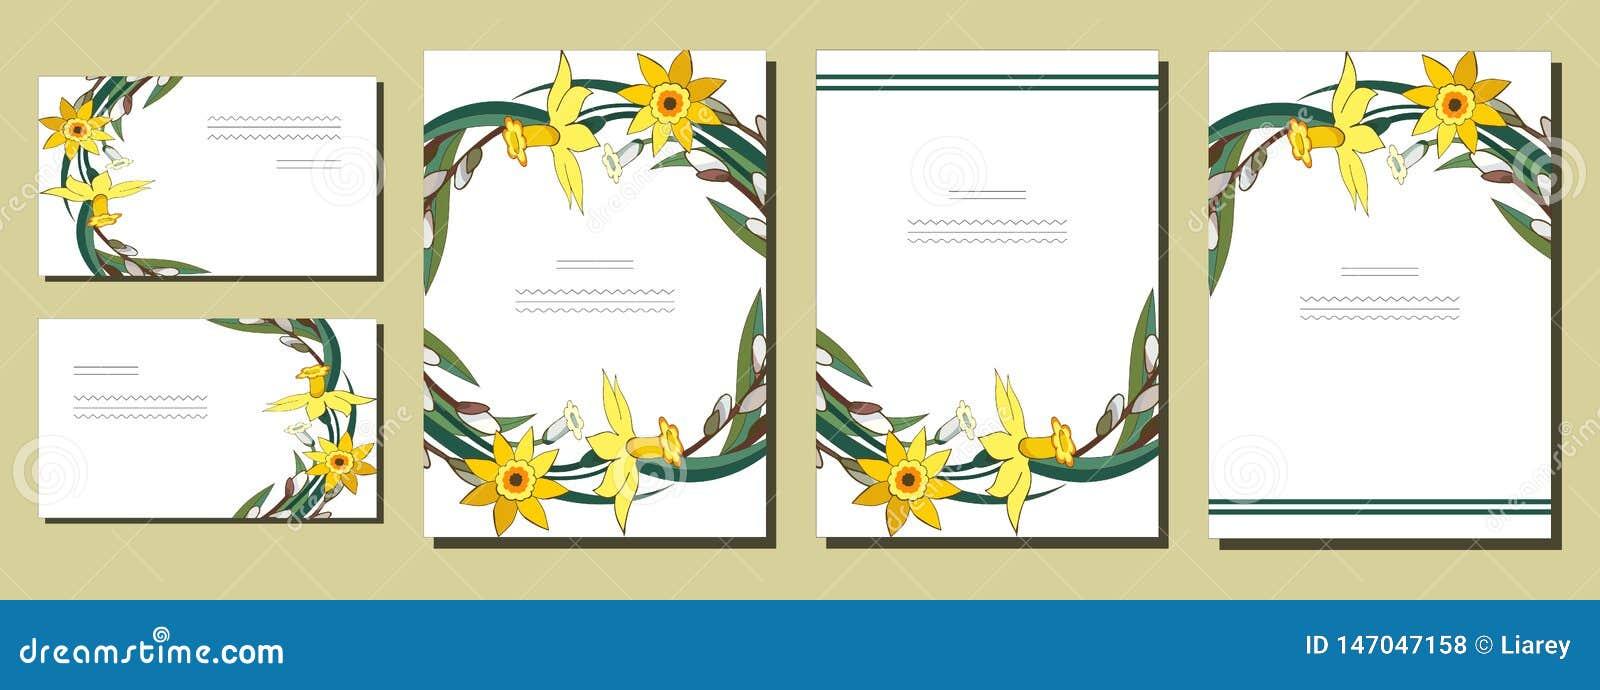 Set kwieciści wiosna szablony z wiązkami żółci daffodils i wierzba Karty z narcyzem i salix Dla romantycznego